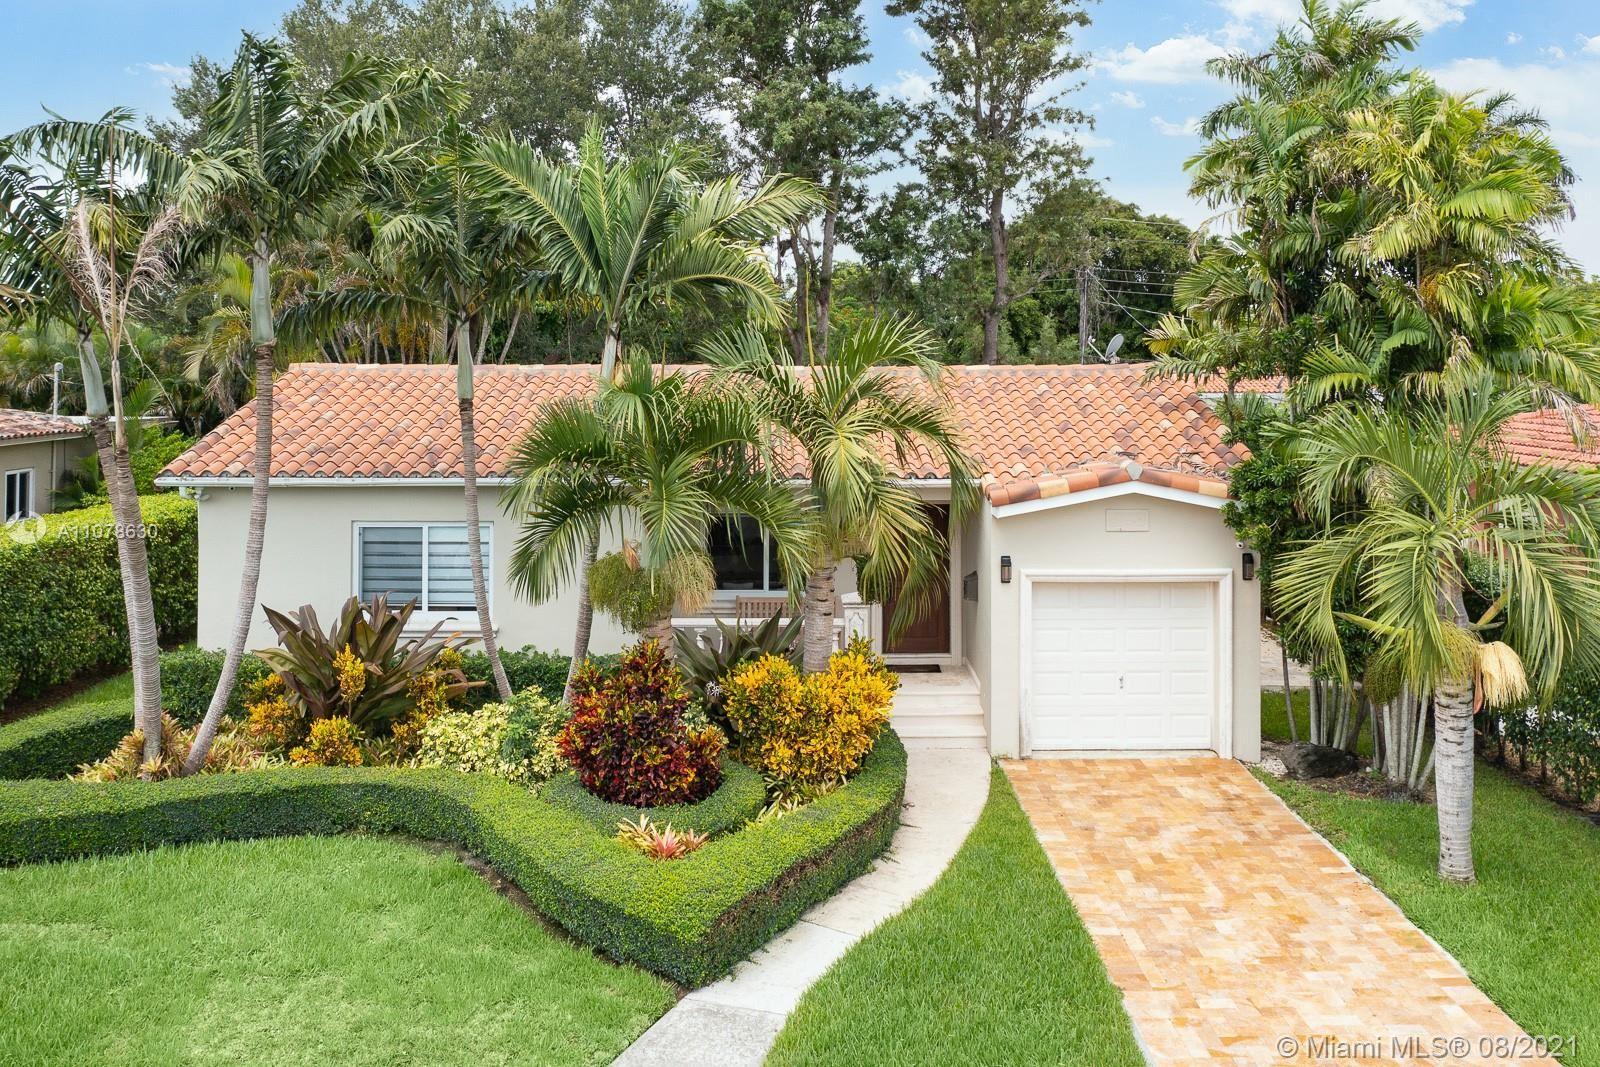 3910 SW 60th Pl, Miami, FL 33155 - #: A11078630